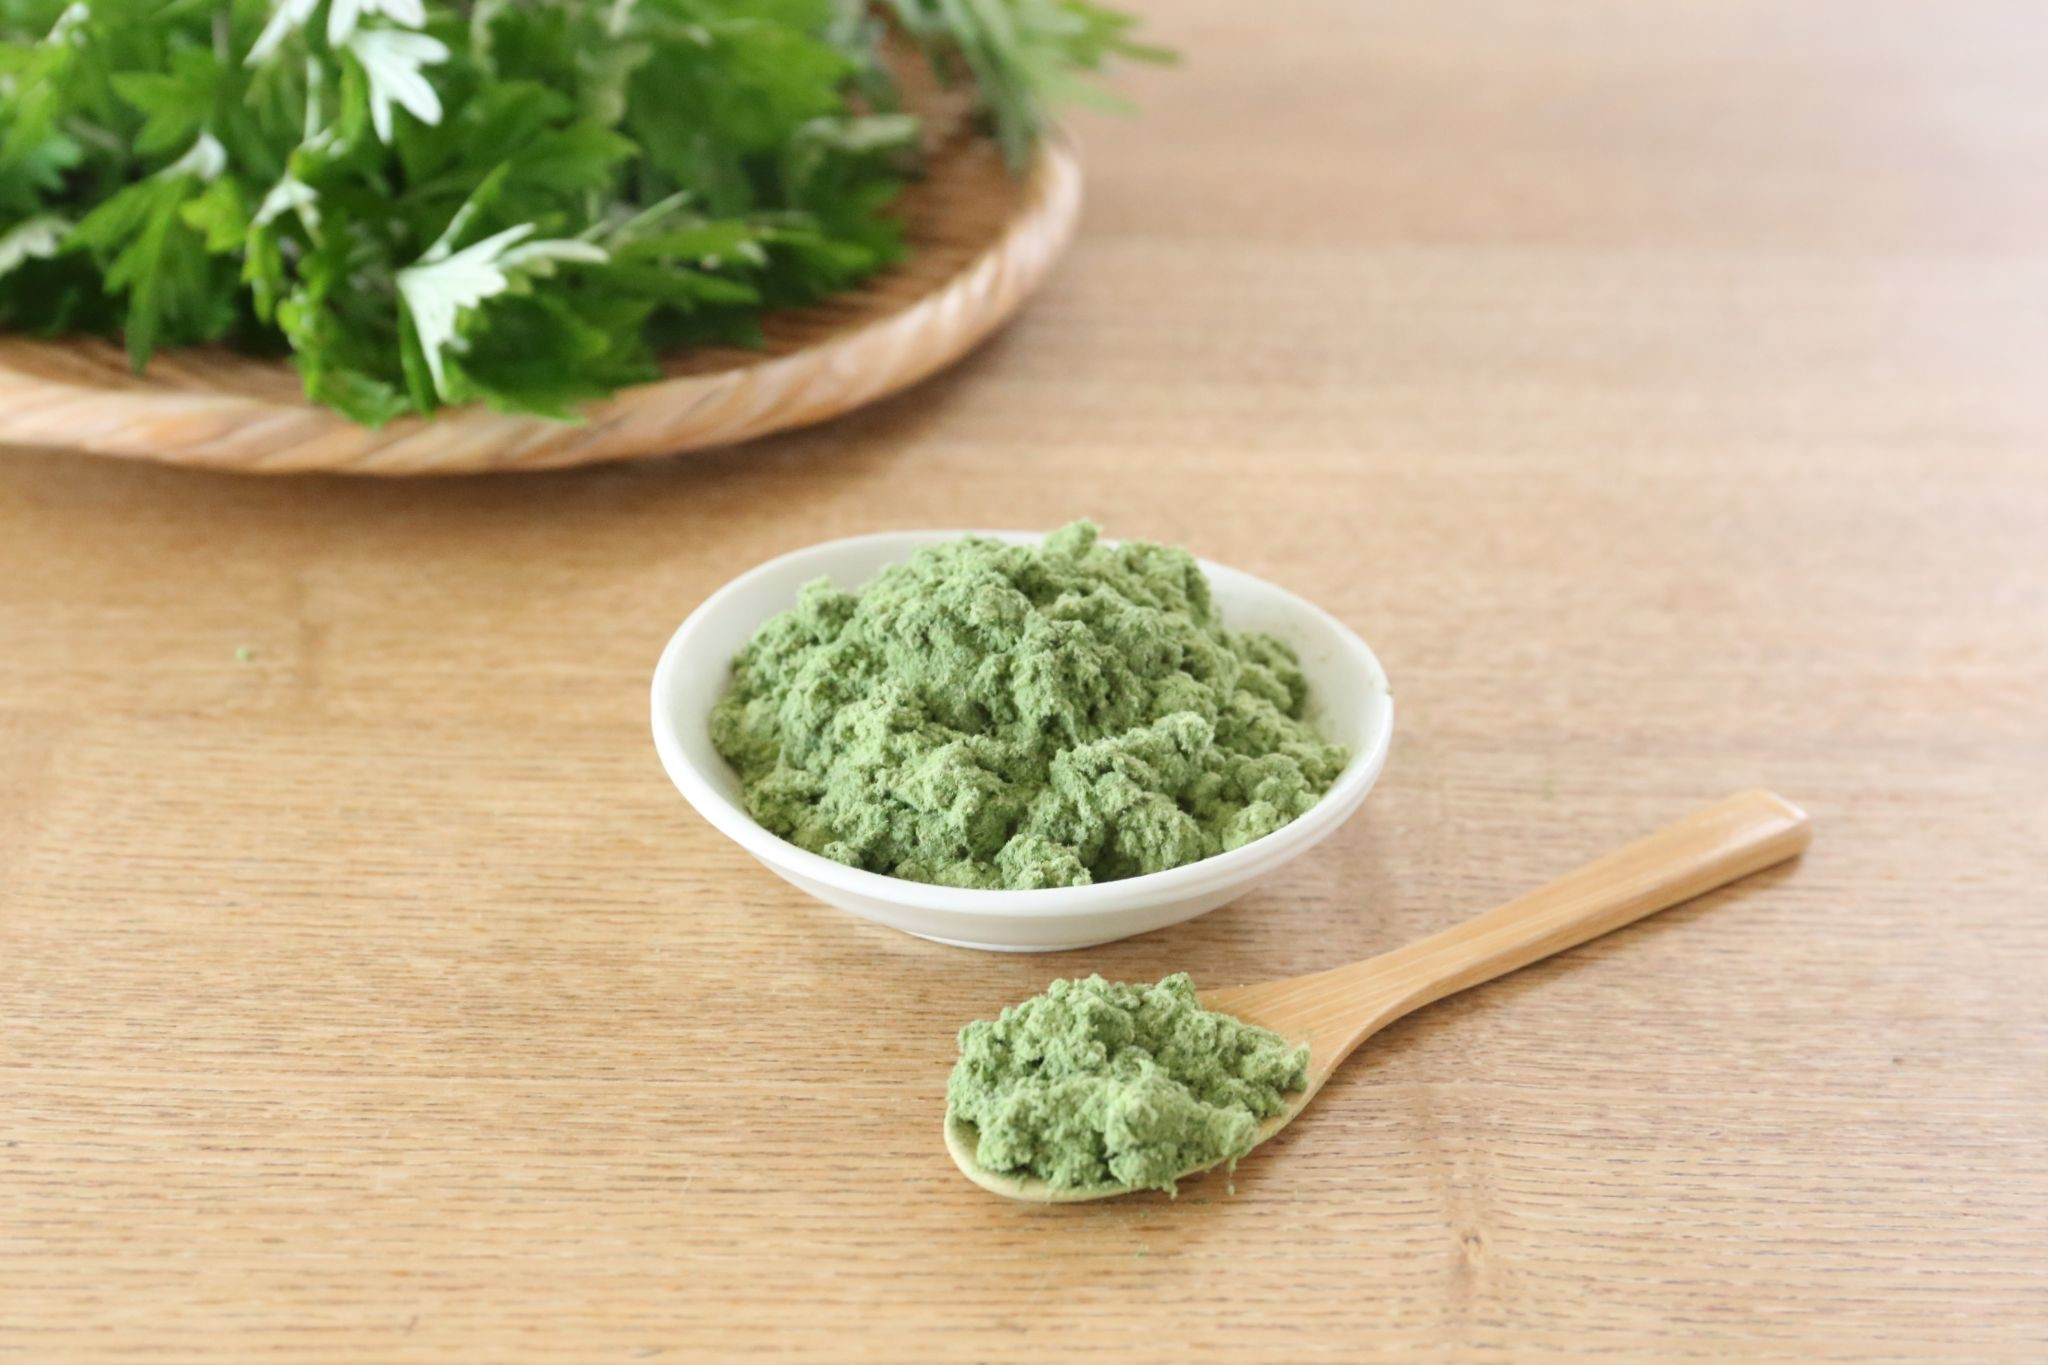 nutritional value of mugwort